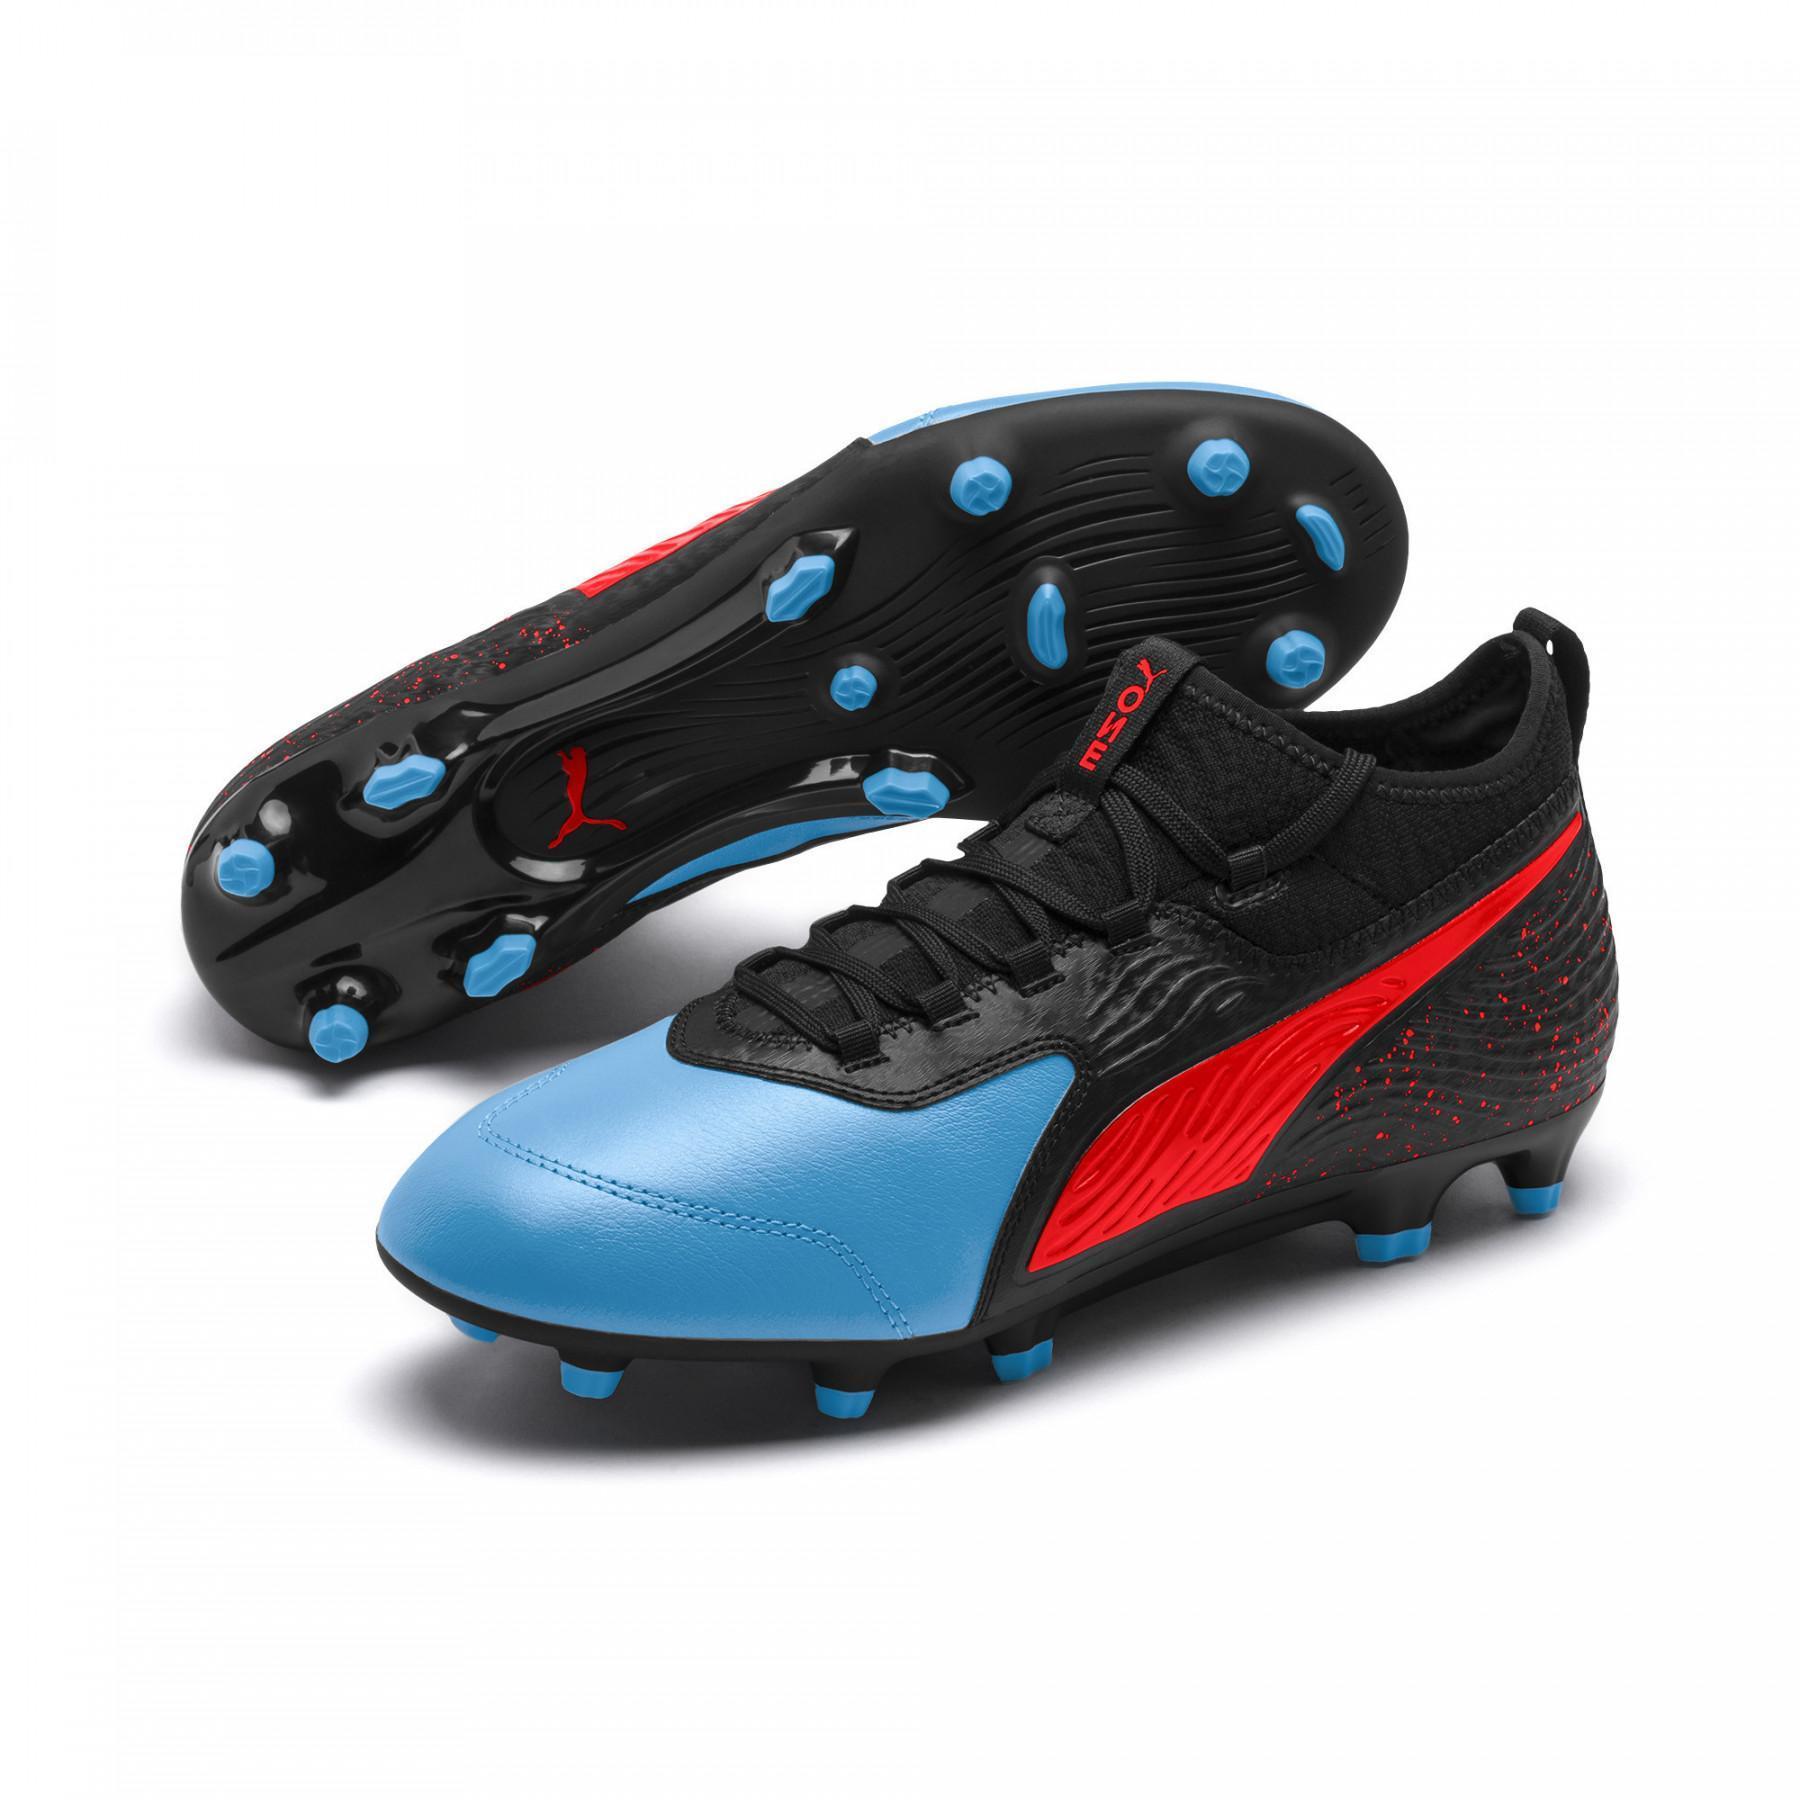 Chaussures Puma One 19.3 FG/A